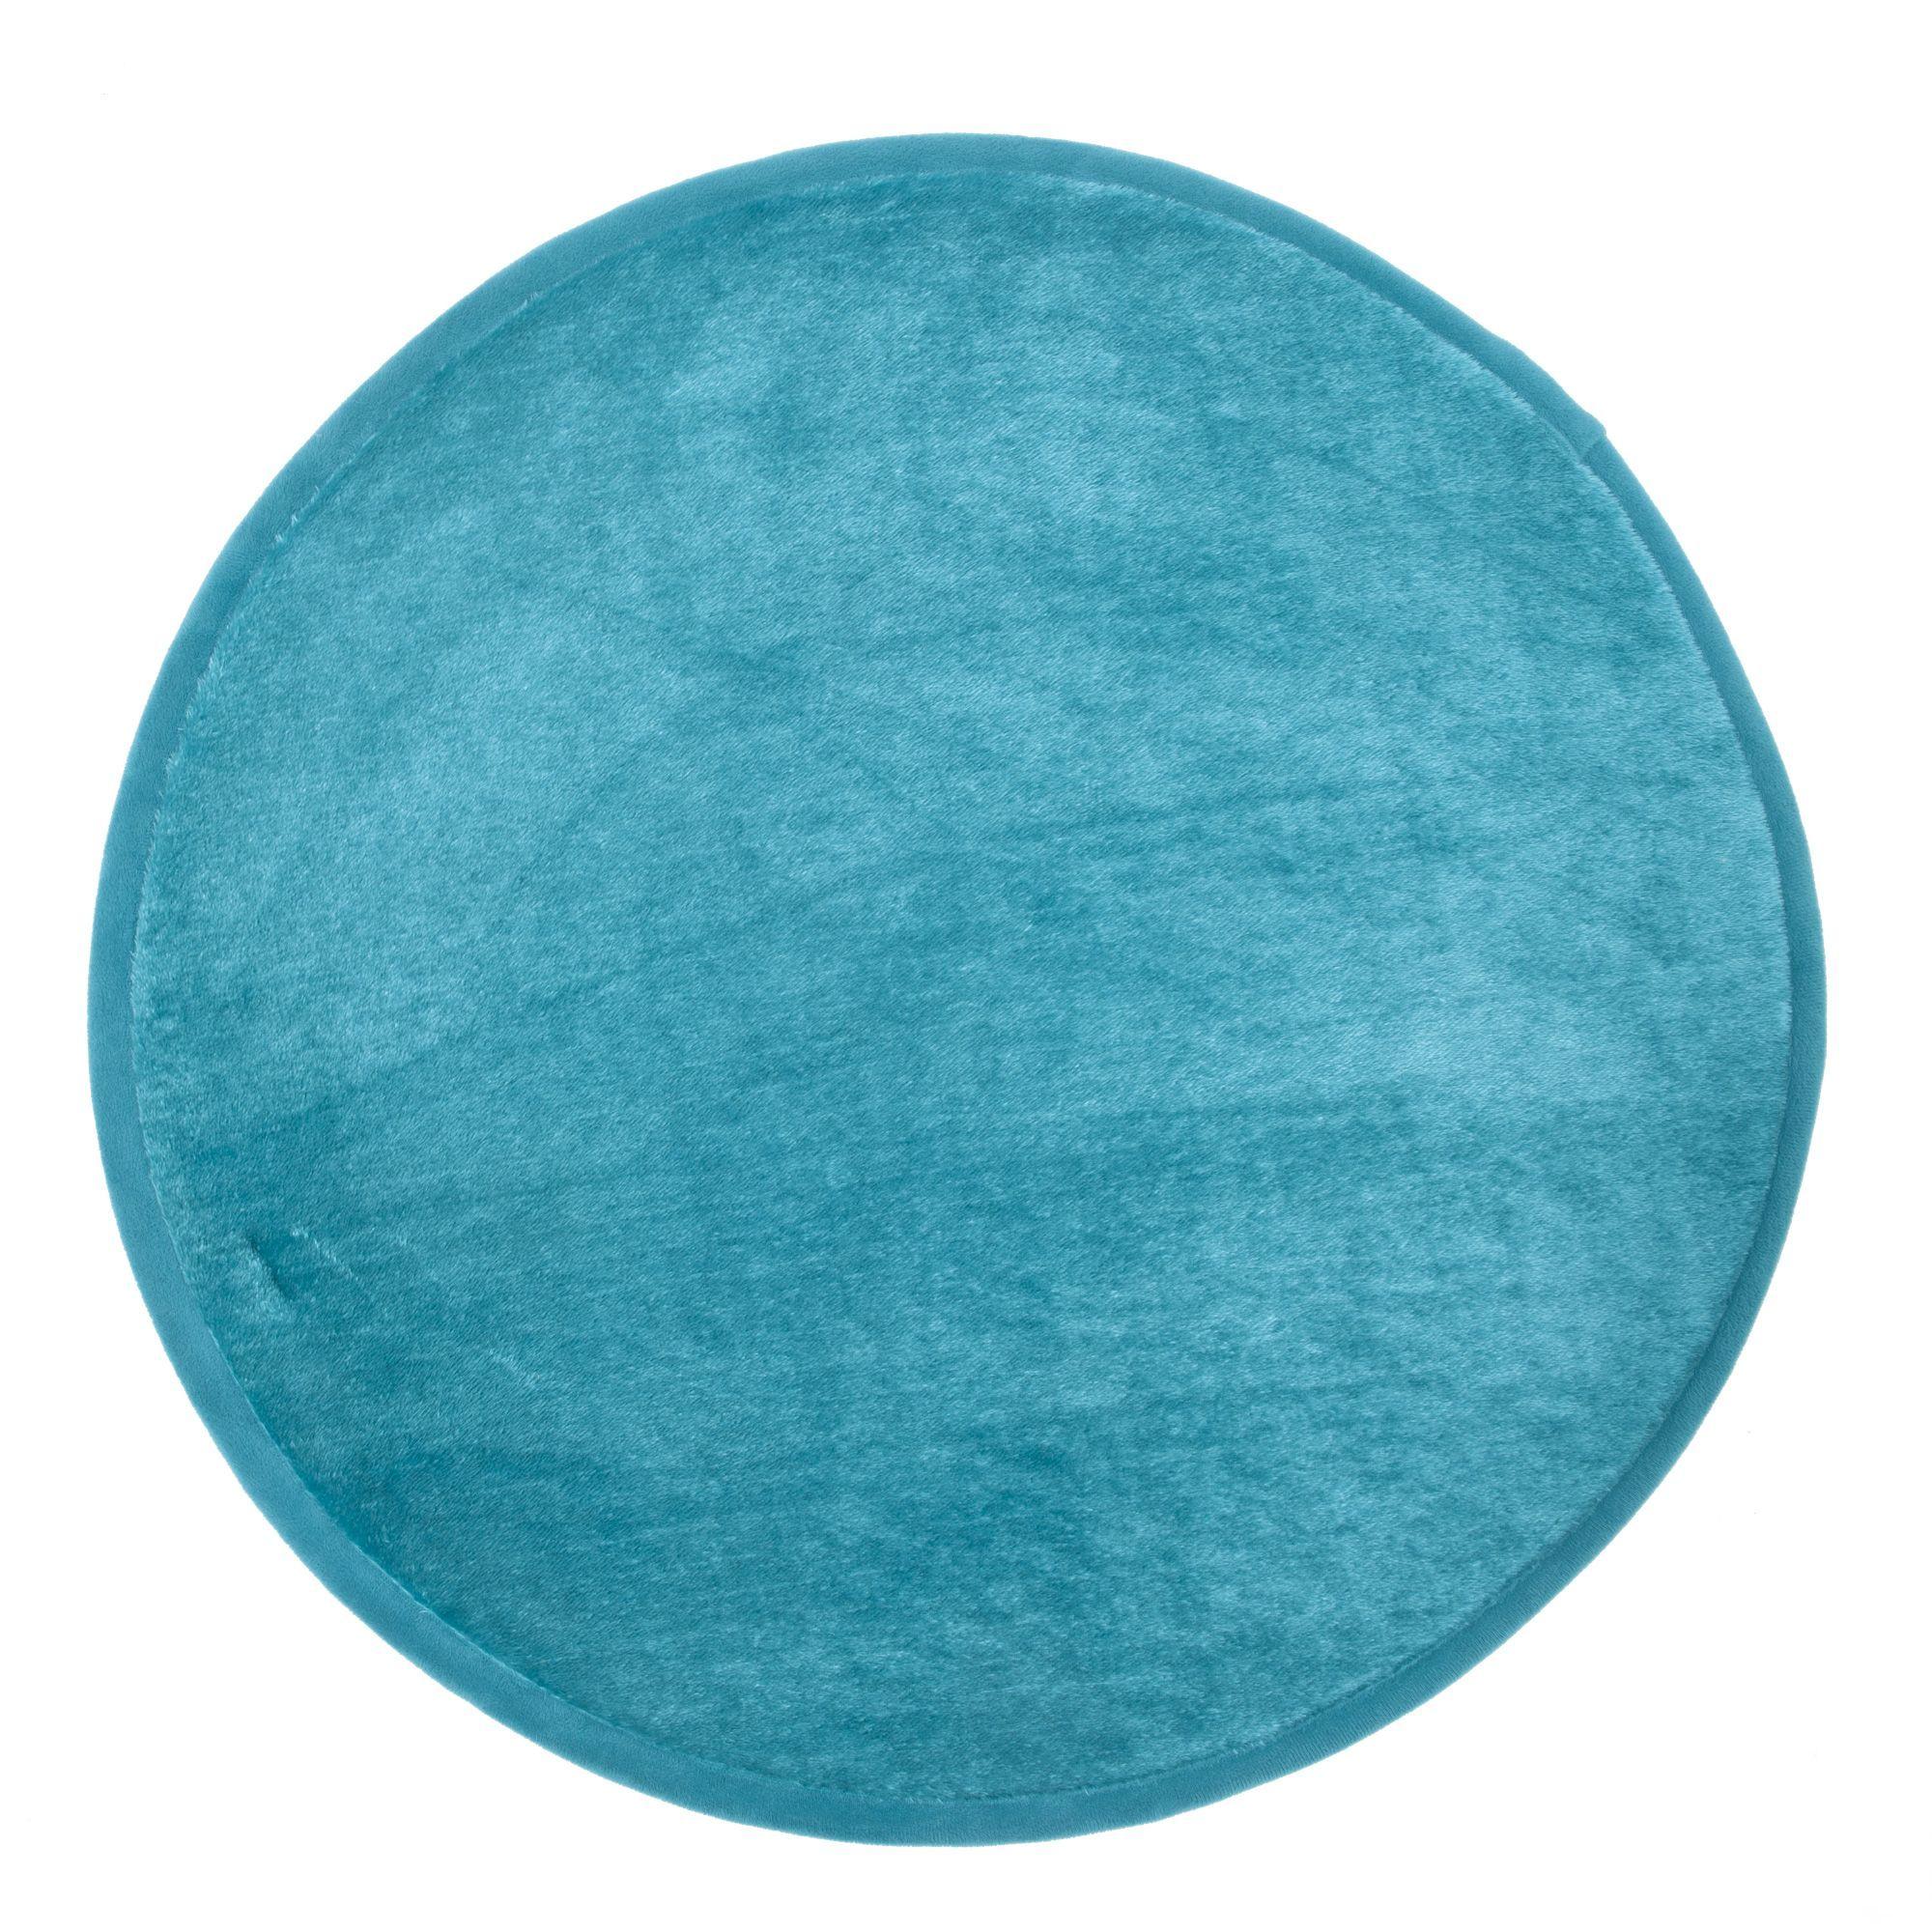 Tapis Rond Bleu Rubico Tapis Pour Chambre Et Salon Alinea Tapis Rond Tapis Descente De Lit